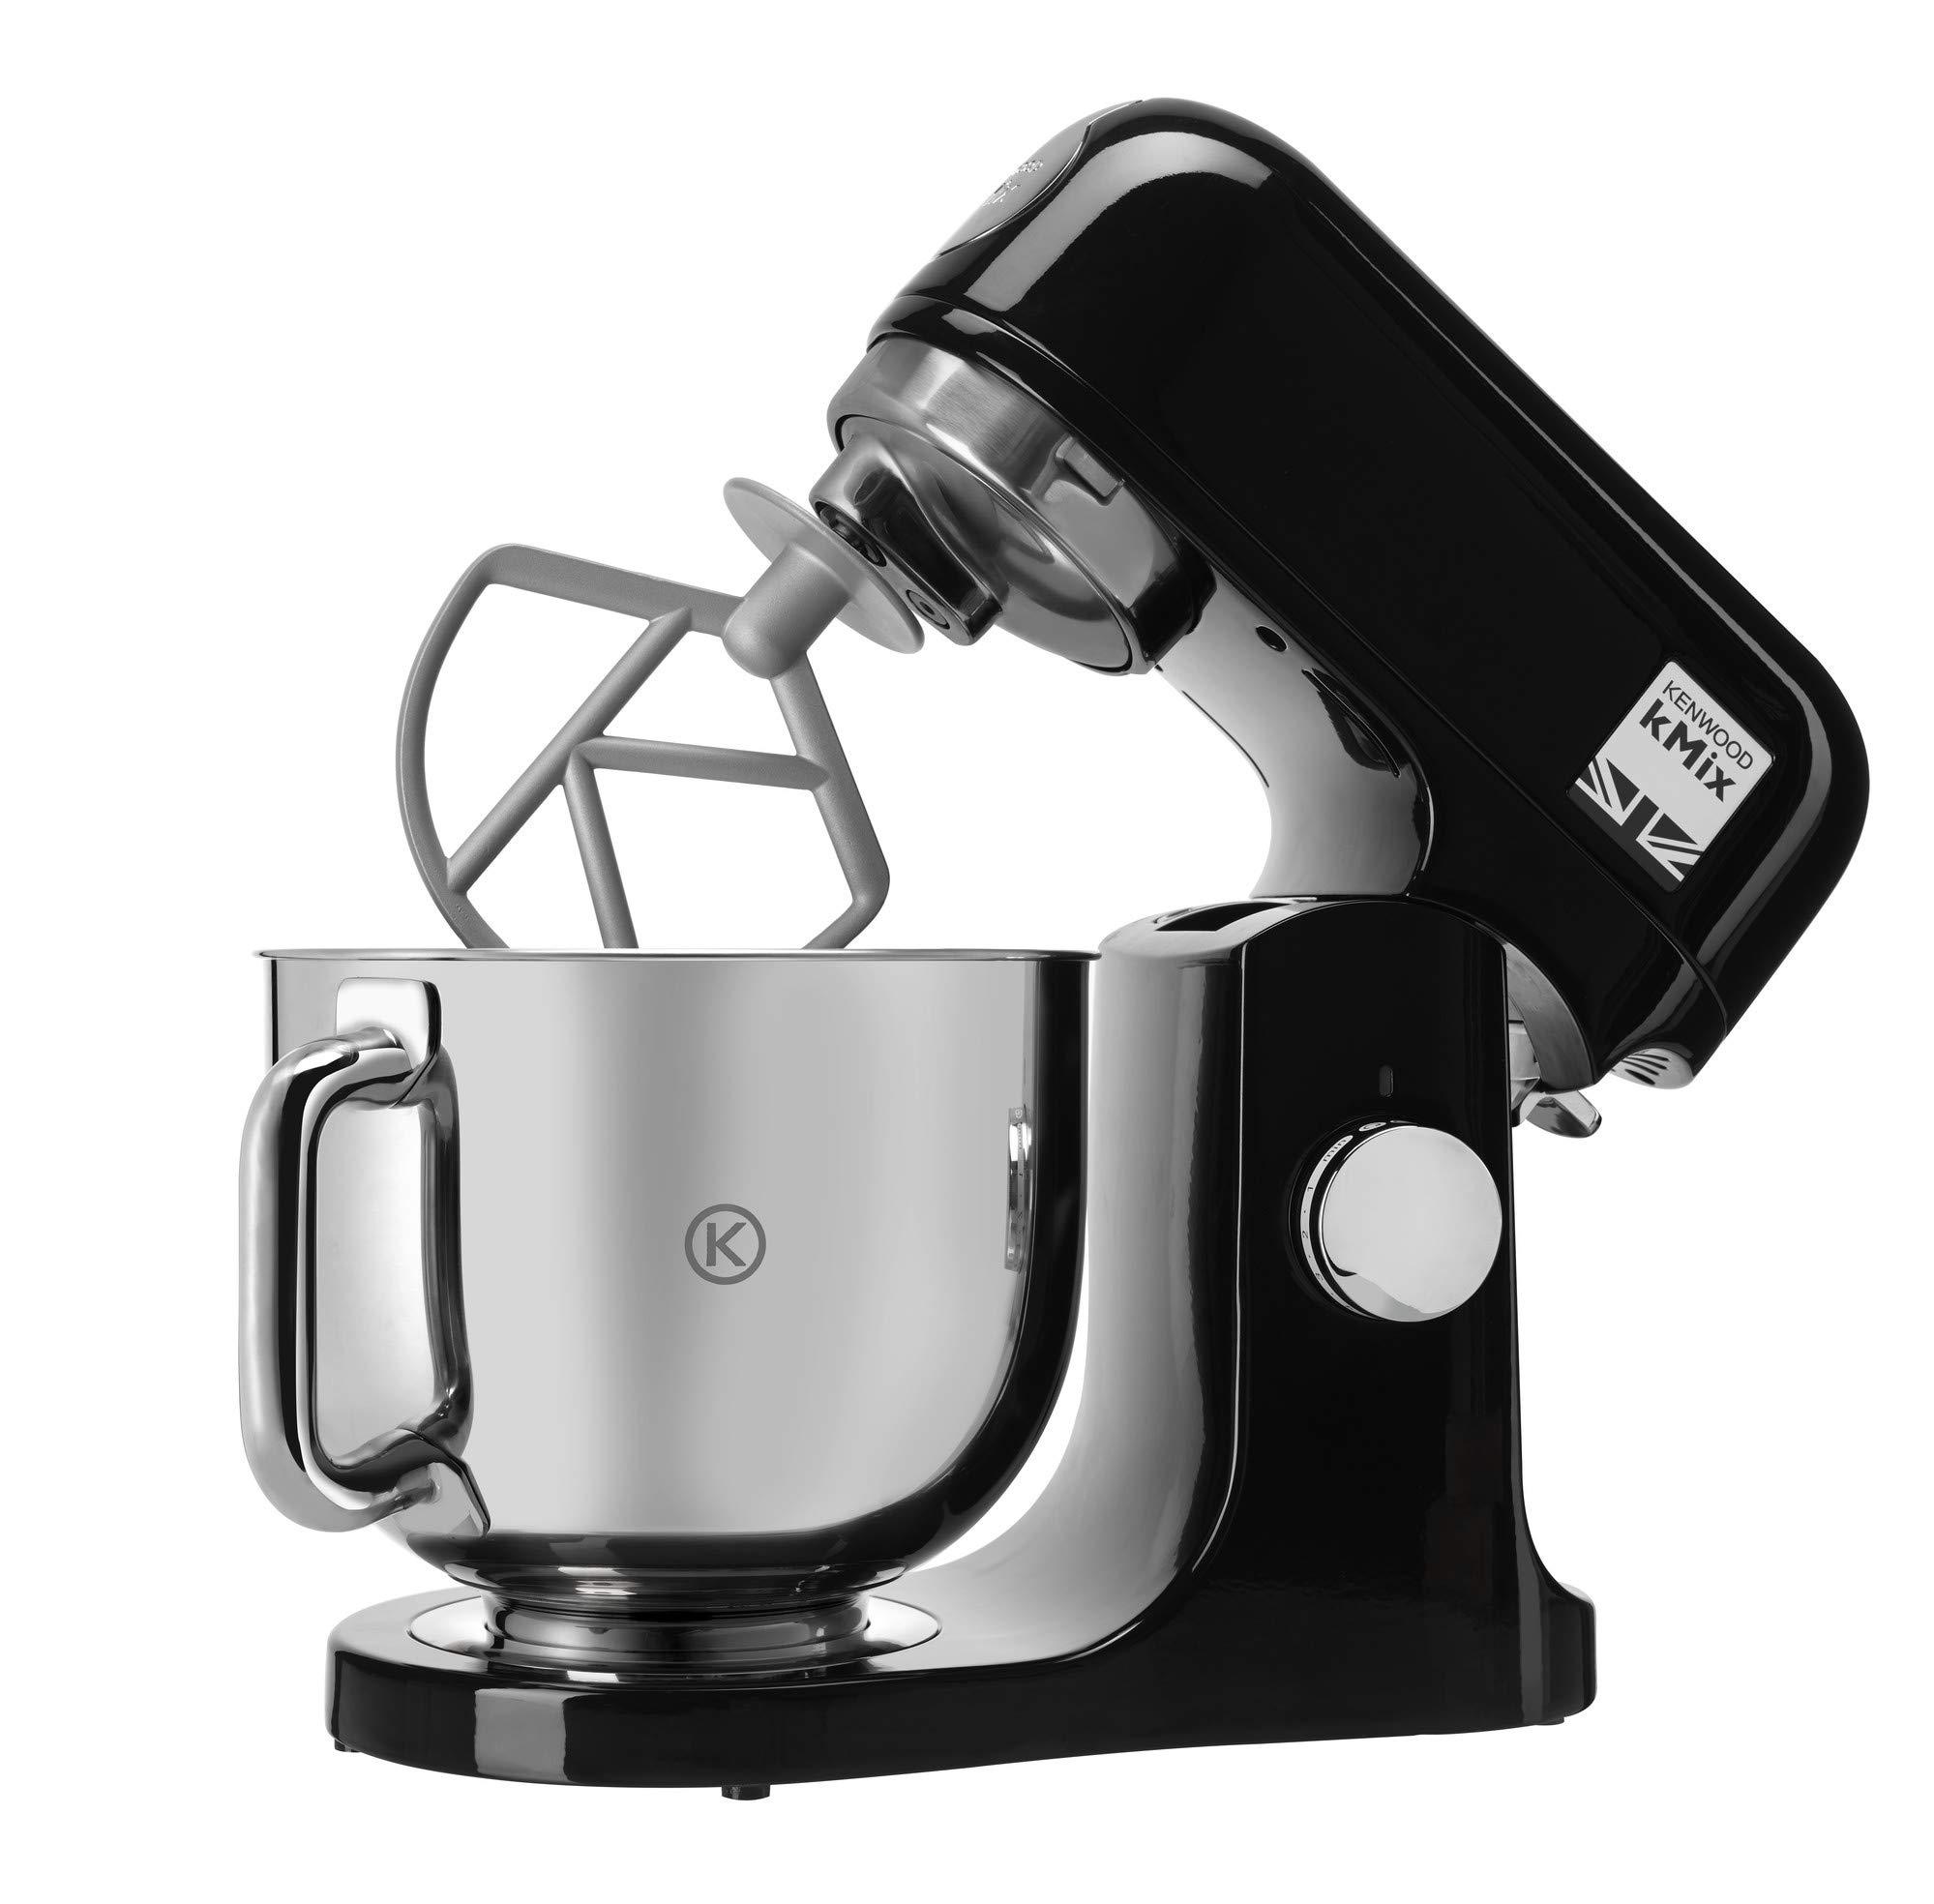 Kenwood-kMix-KMX75AB-KchenmaschineKchenmaschine-1000-W-Schssel-mit-5-l-Fassungsvermgen-inkl-Knethaken-Schneebesen-Mixer-K-Edelstahl-6-Geschwindigkeiten-Schwarz-und-Silber